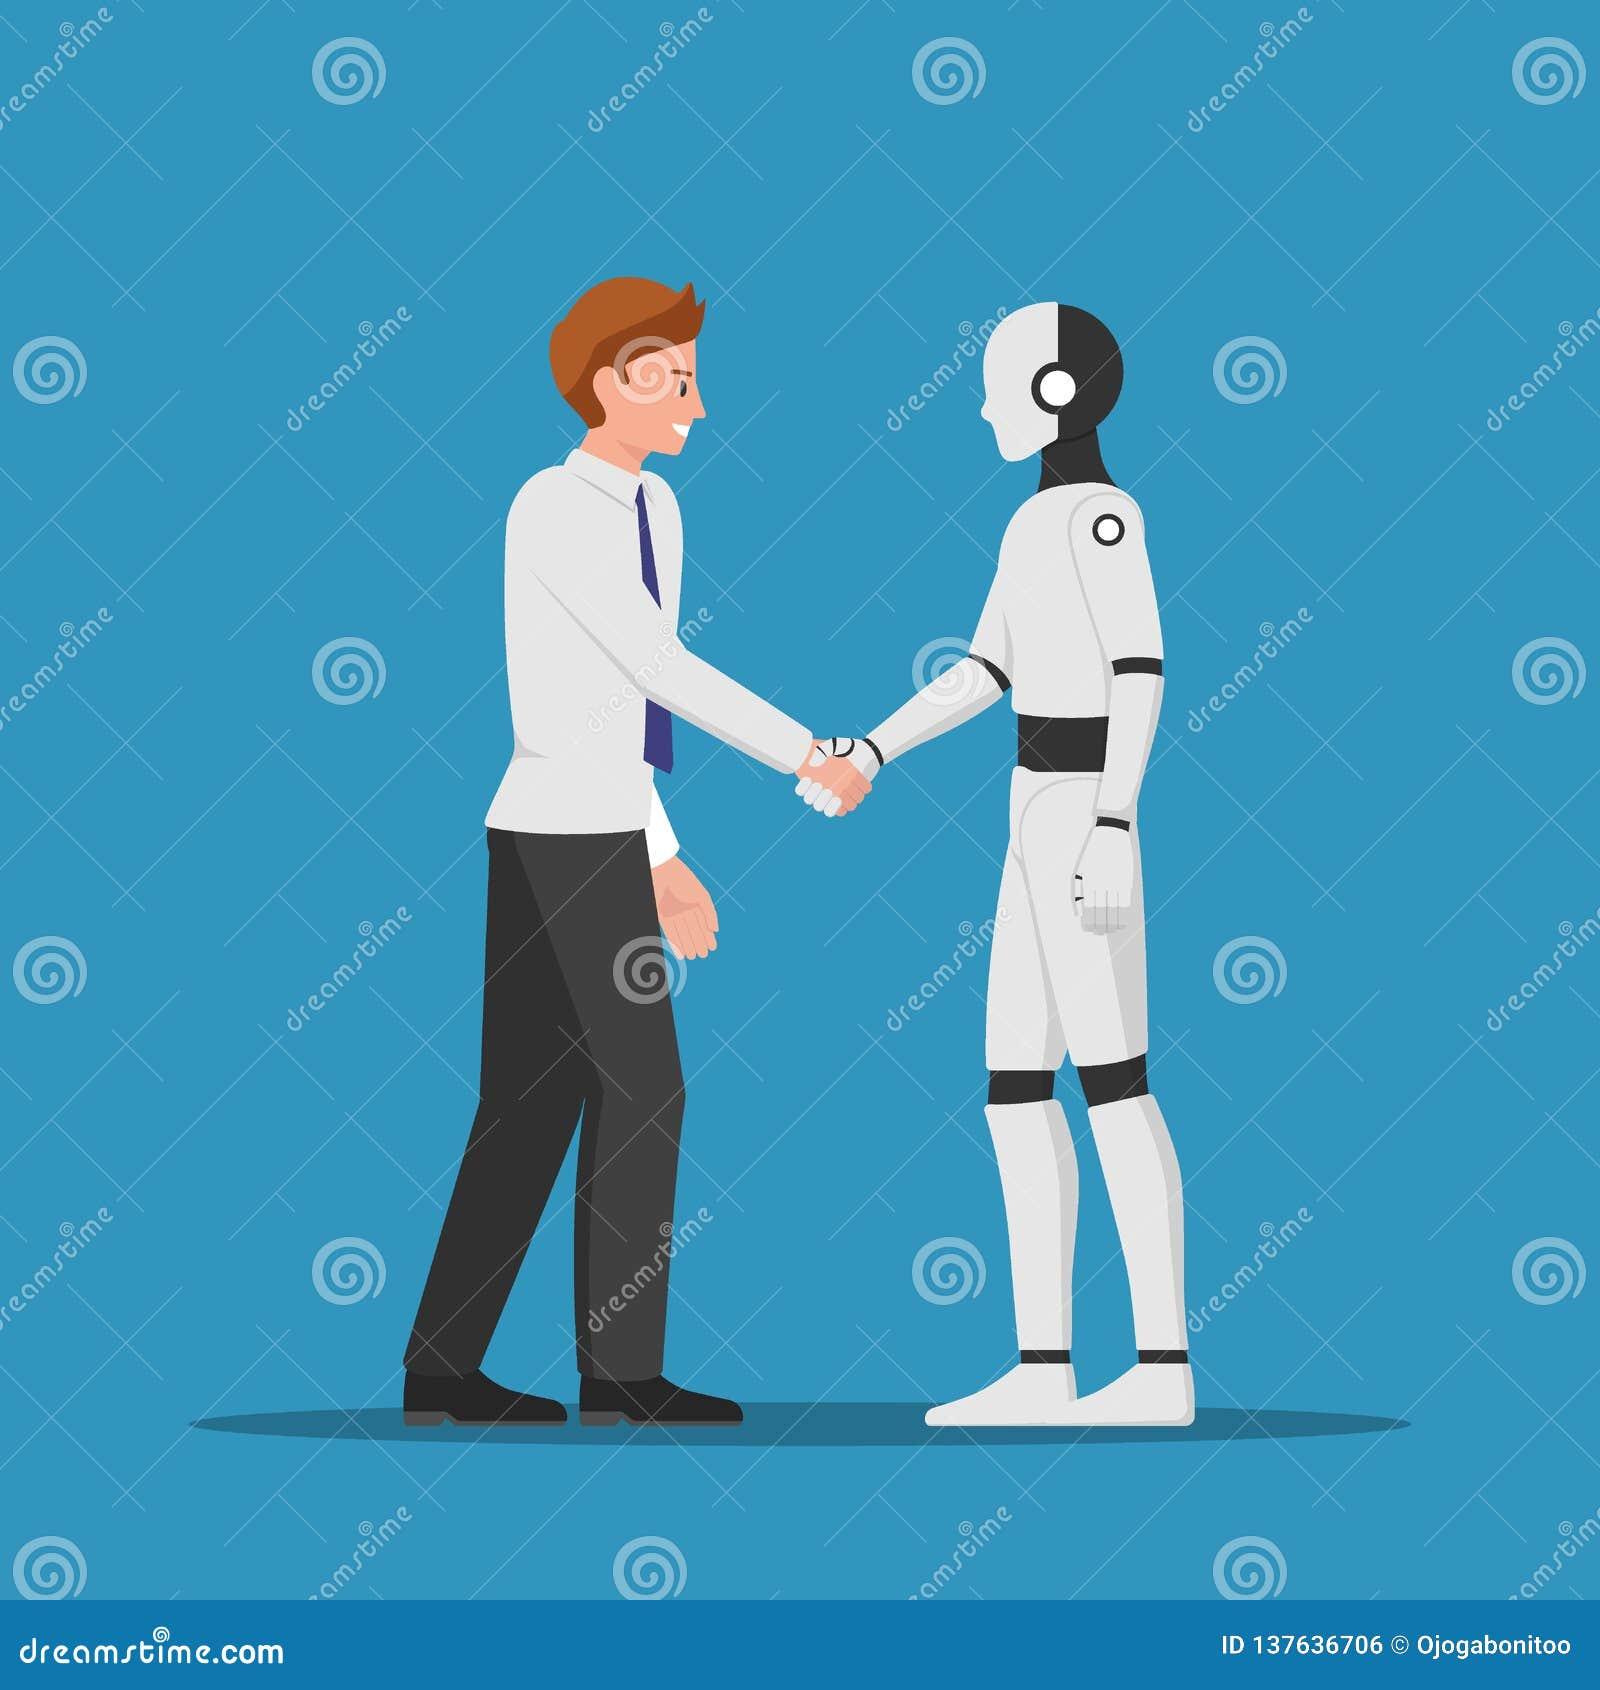 握有AI机器人的商人手